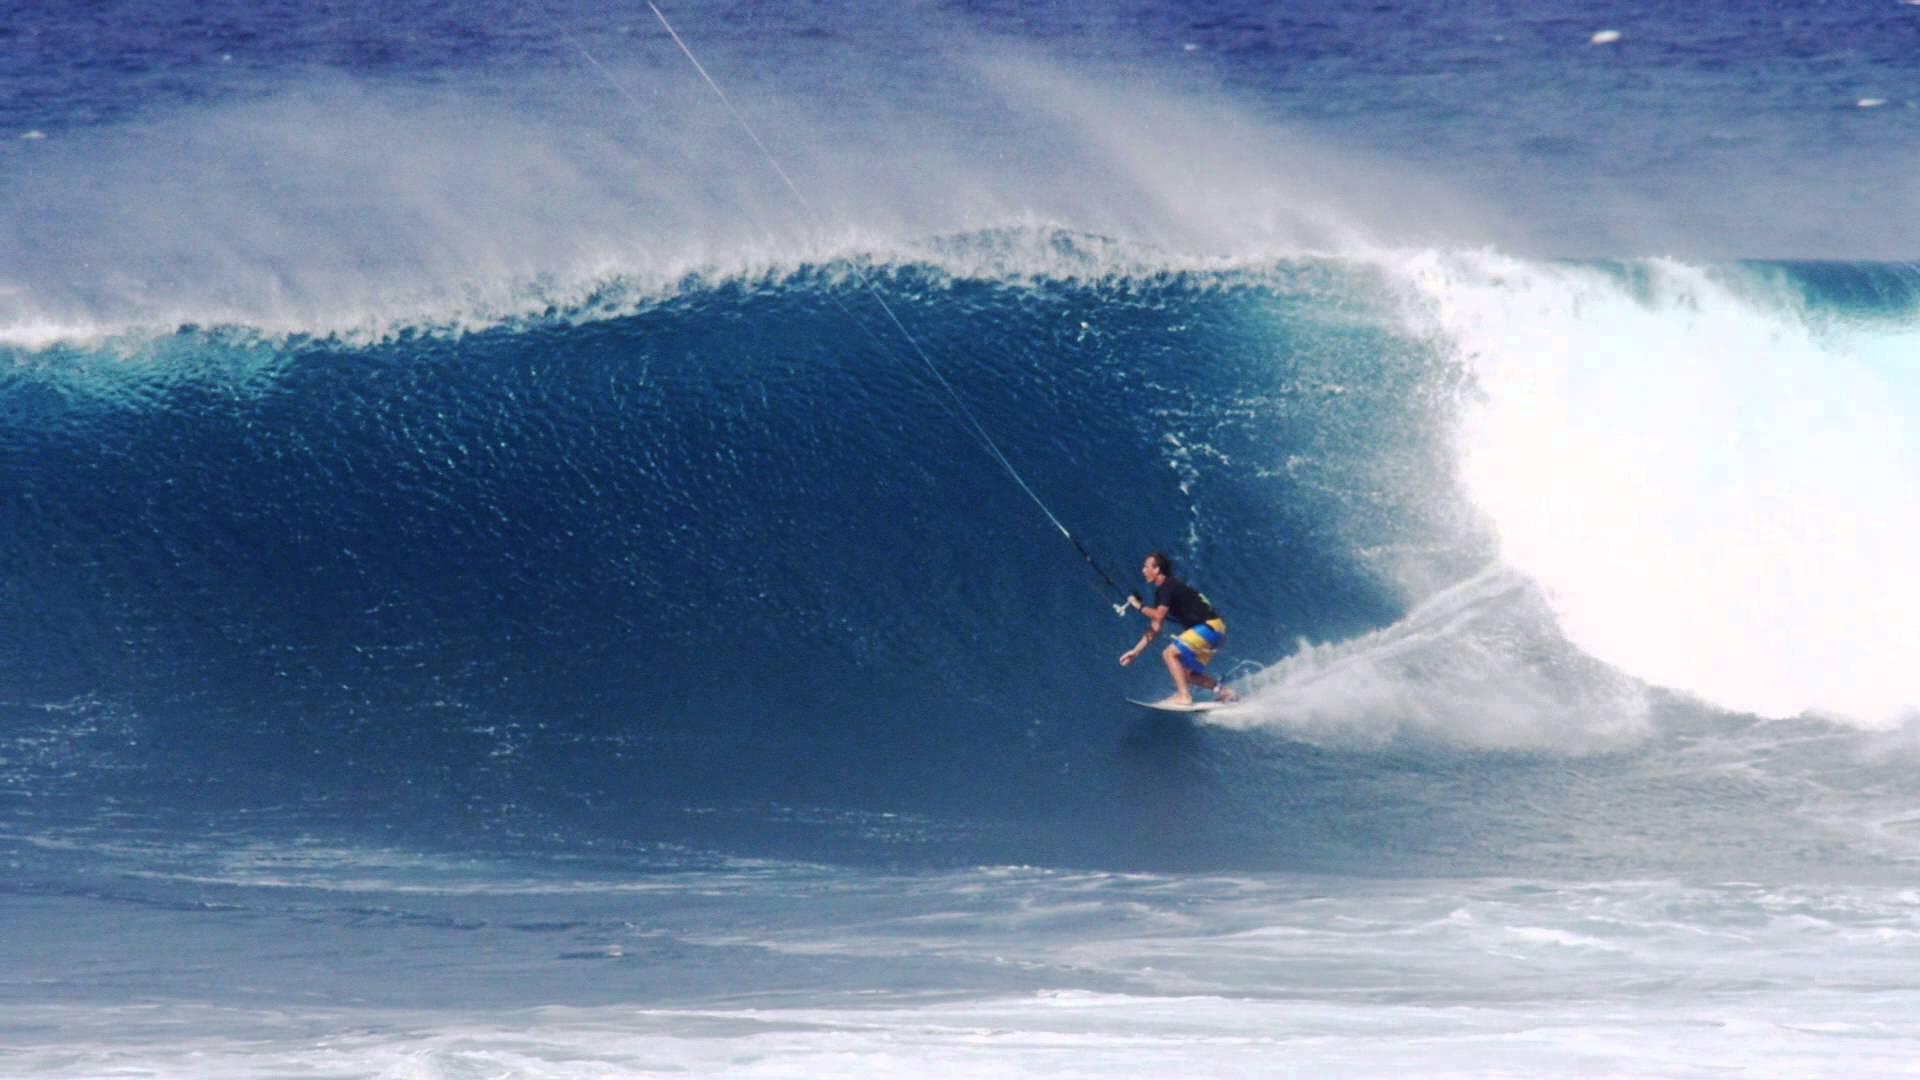 Maui Dreams - Matt Elsasser